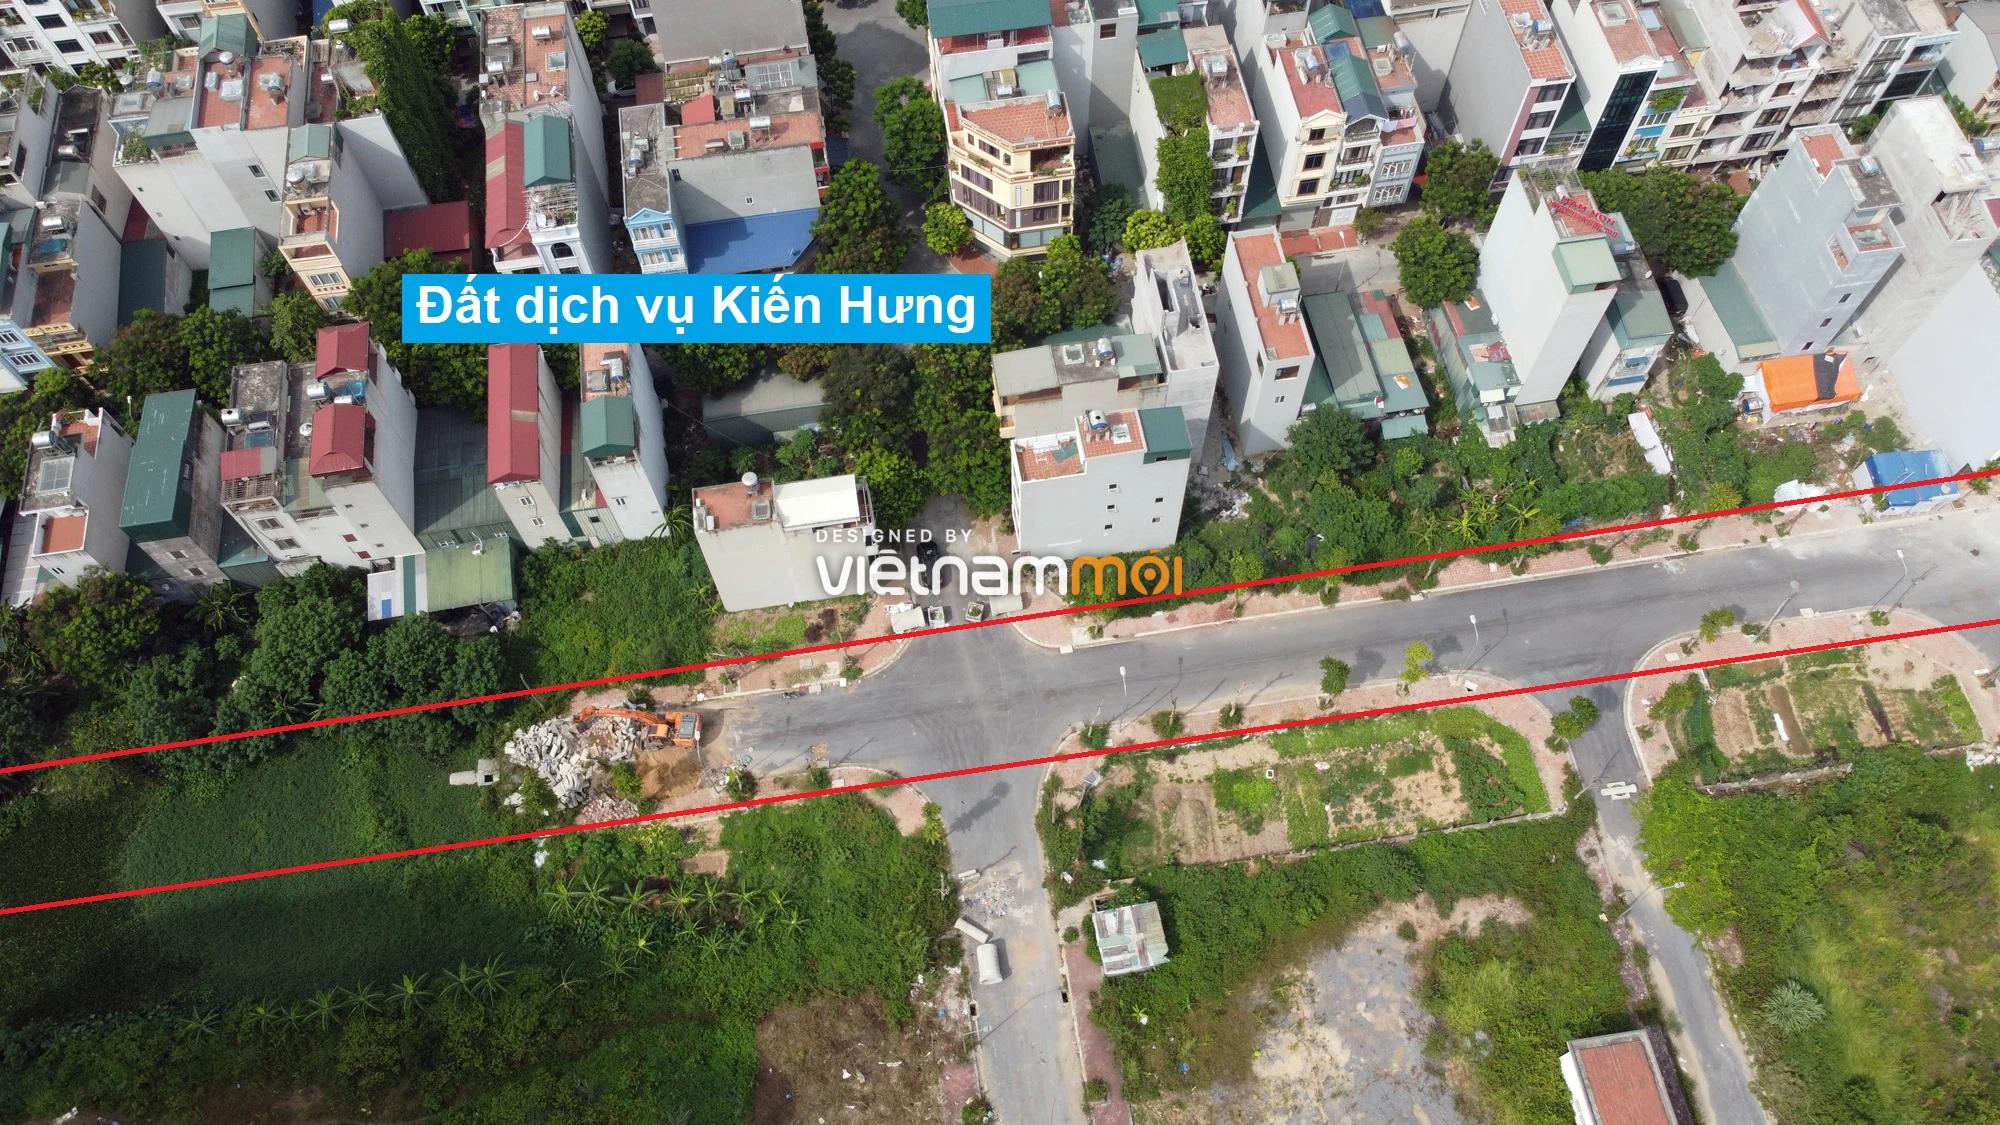 Những khu đất sắp thu hồi để mở đường ở phường Kiến Hưng, Hà Đông, Hà Nội (phần 1) - Ảnh 6.